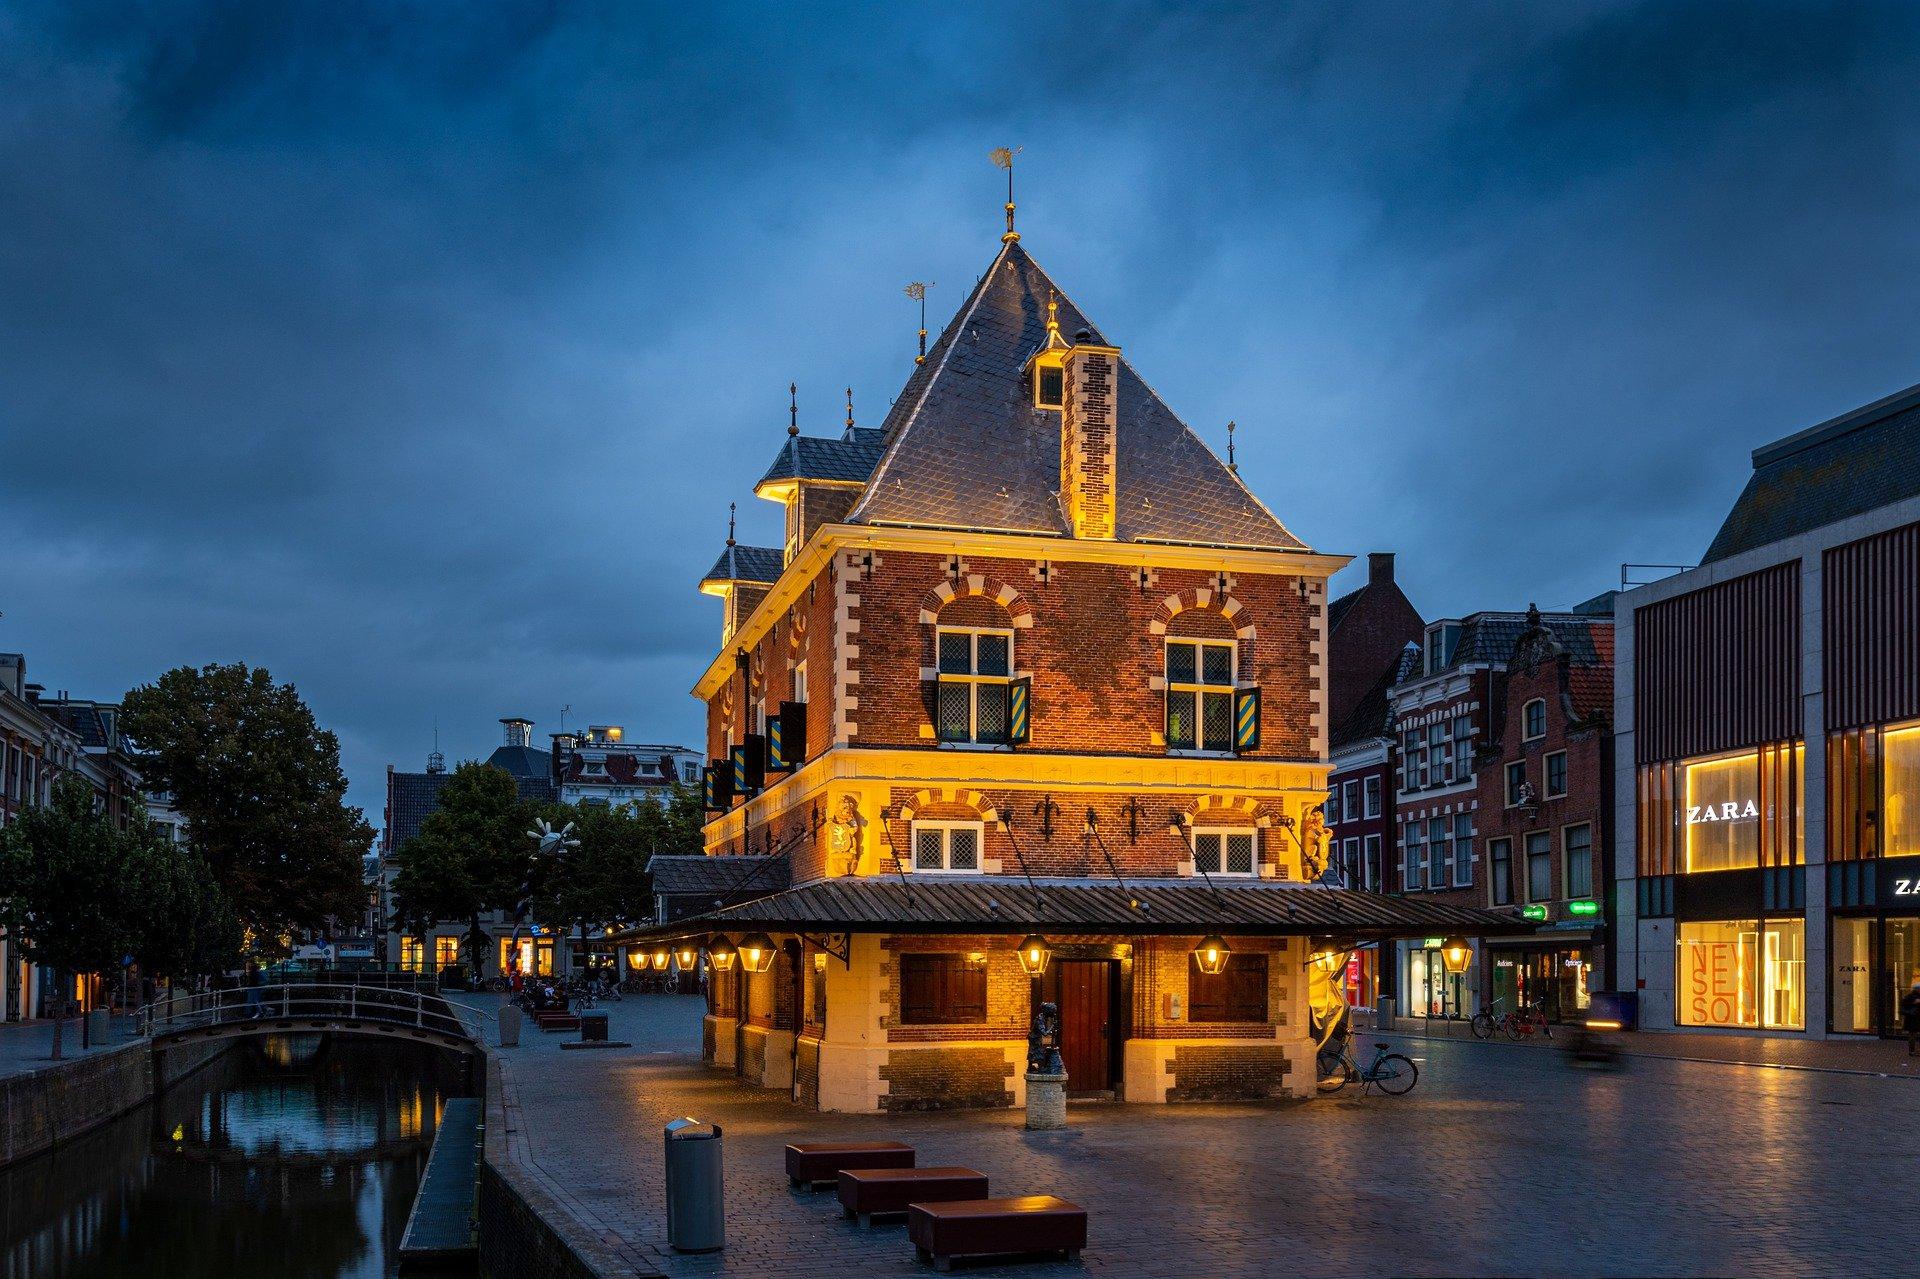 Het beste webdesign en webdevelopment voor jouw shop of website in Leeuwarden